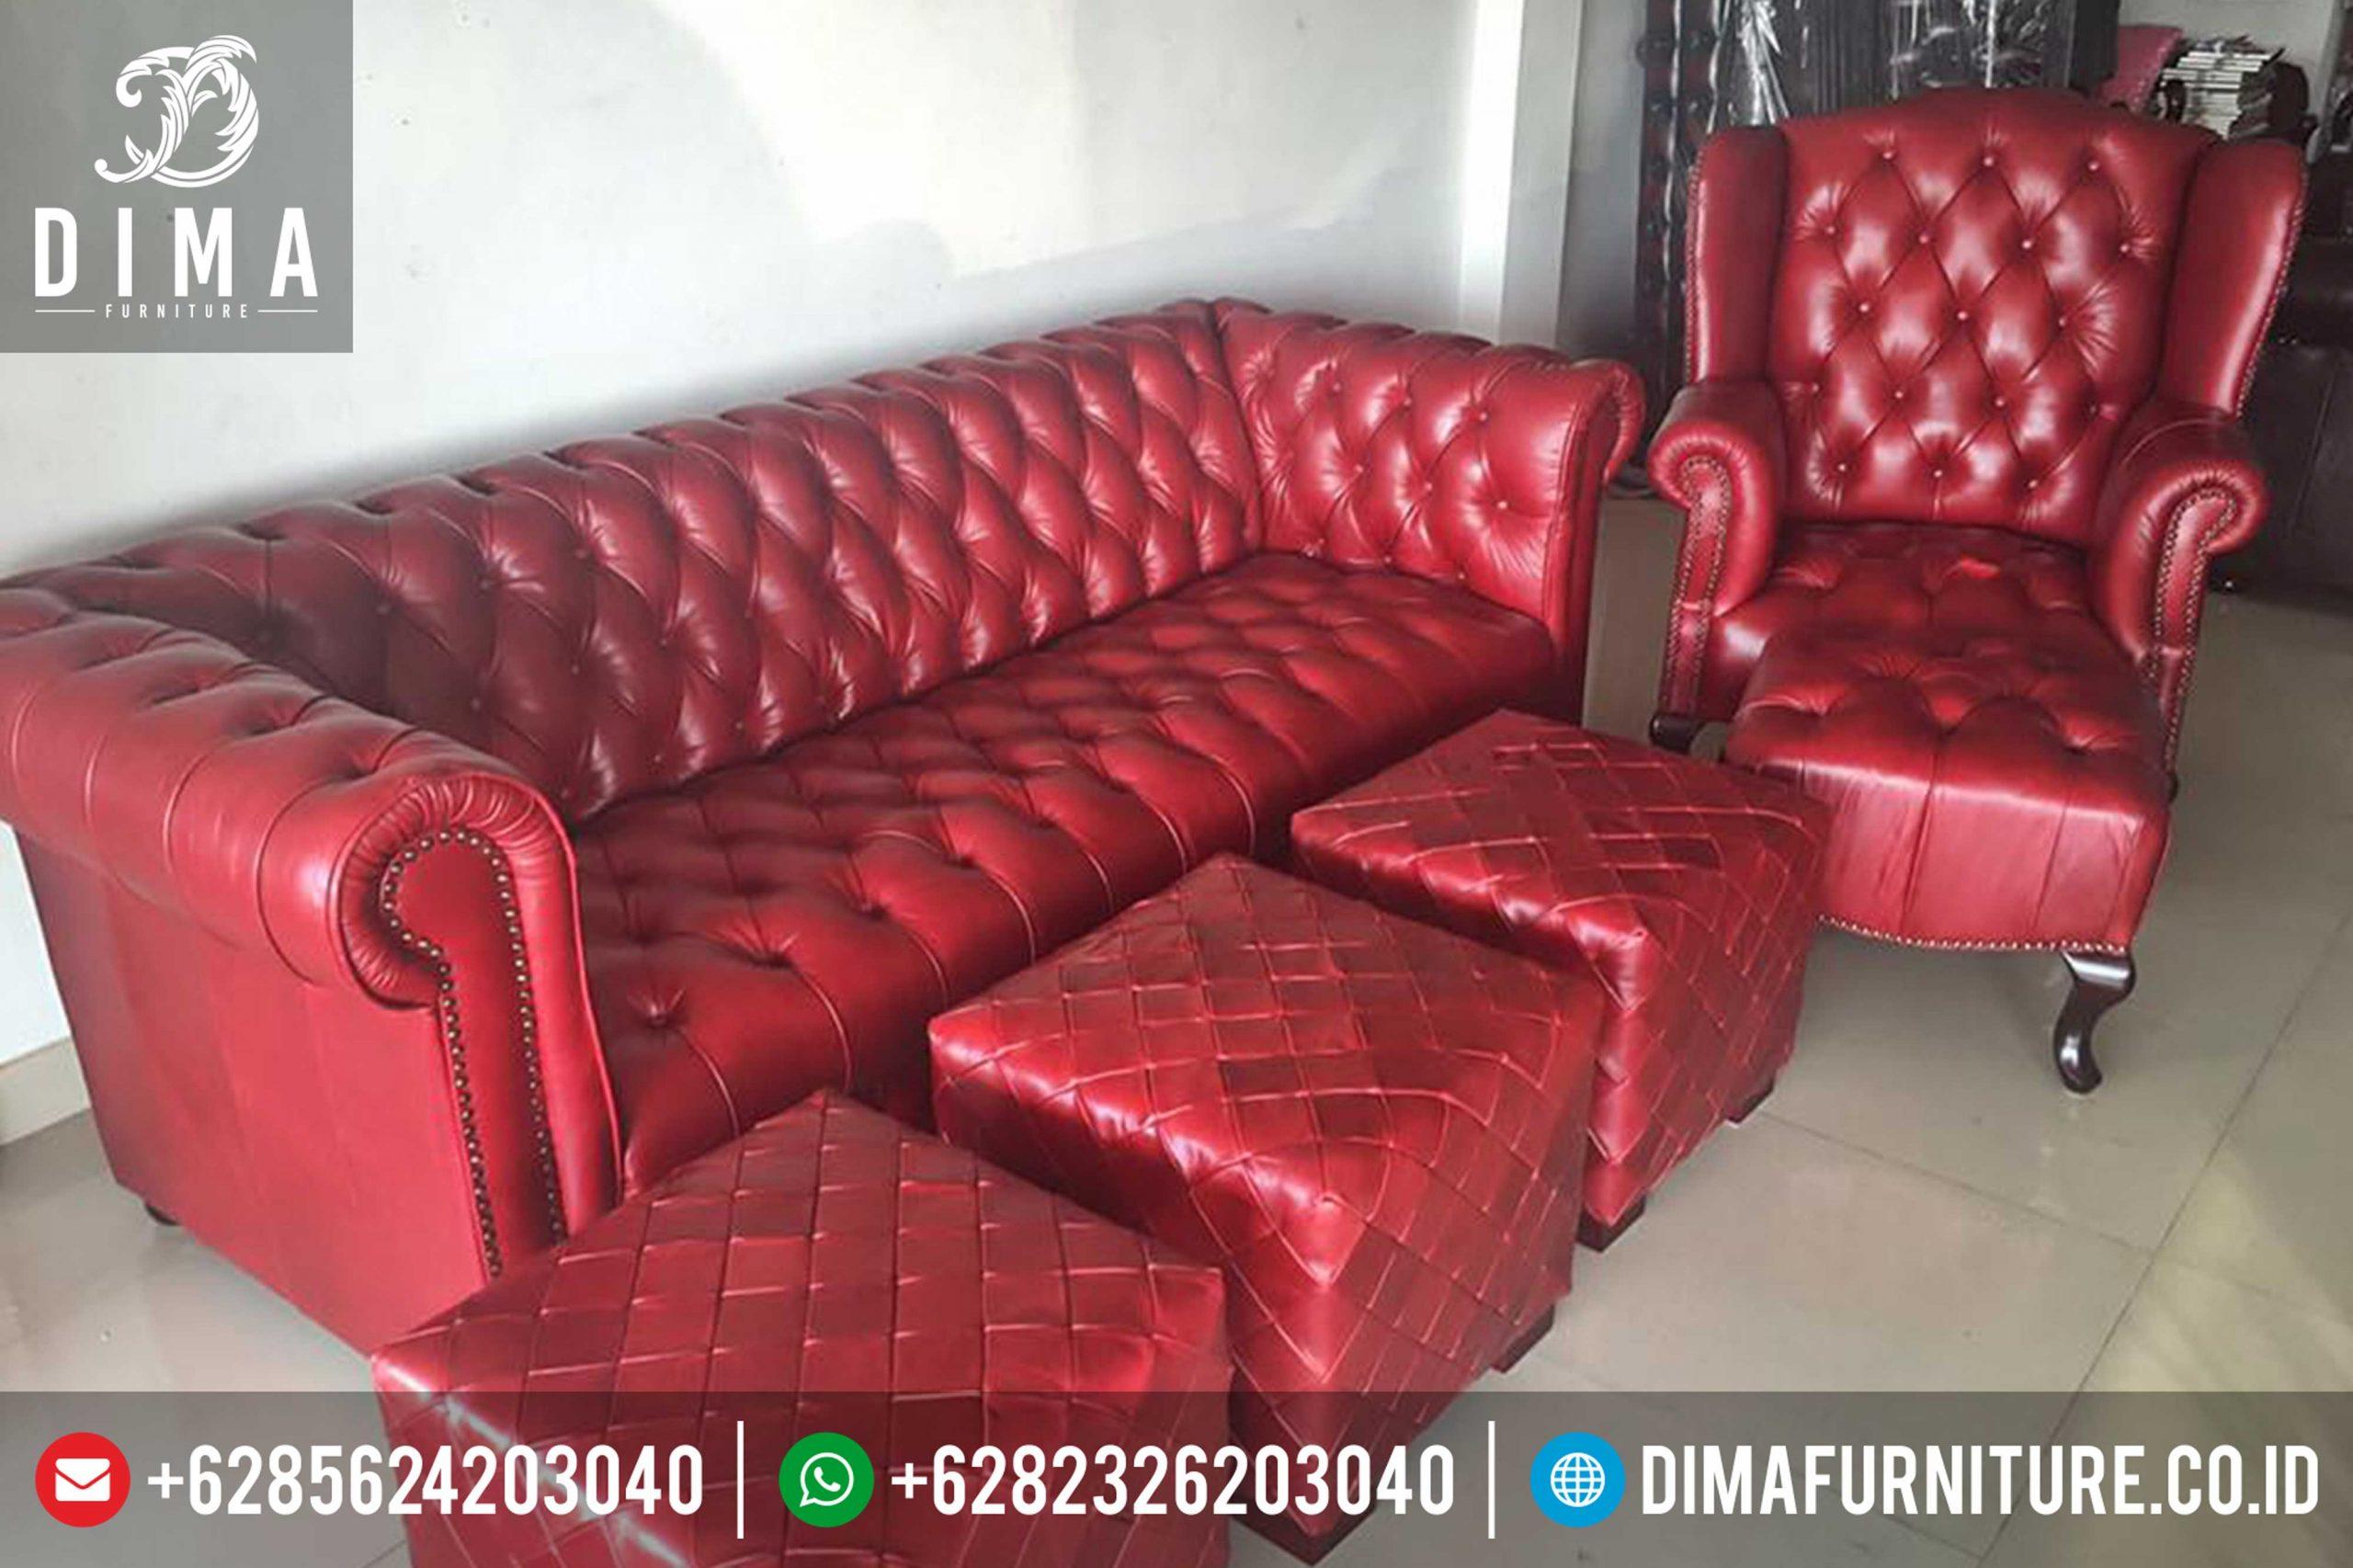 Sofa Tamu Jepara, Loveseat Sofa, Sofa Tamu Minimalis Terbaru MM-0103